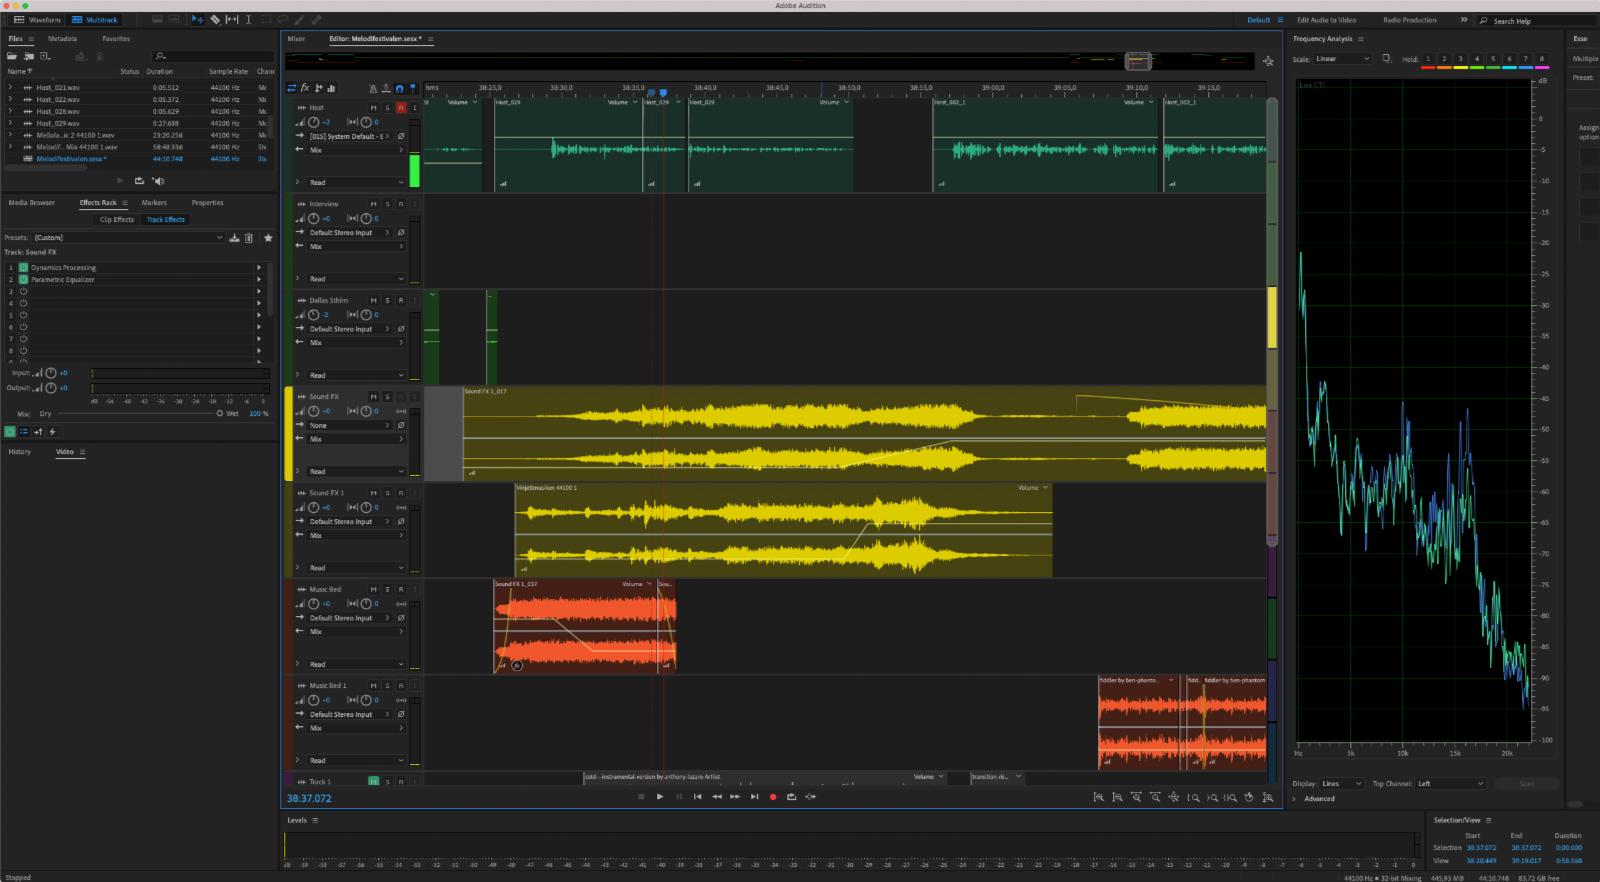 Adobe Audition med redigeringen av poddavsnittet med byrån Dallas, om deras jobb med Melodifestivalen. Bild: Skärmdump.